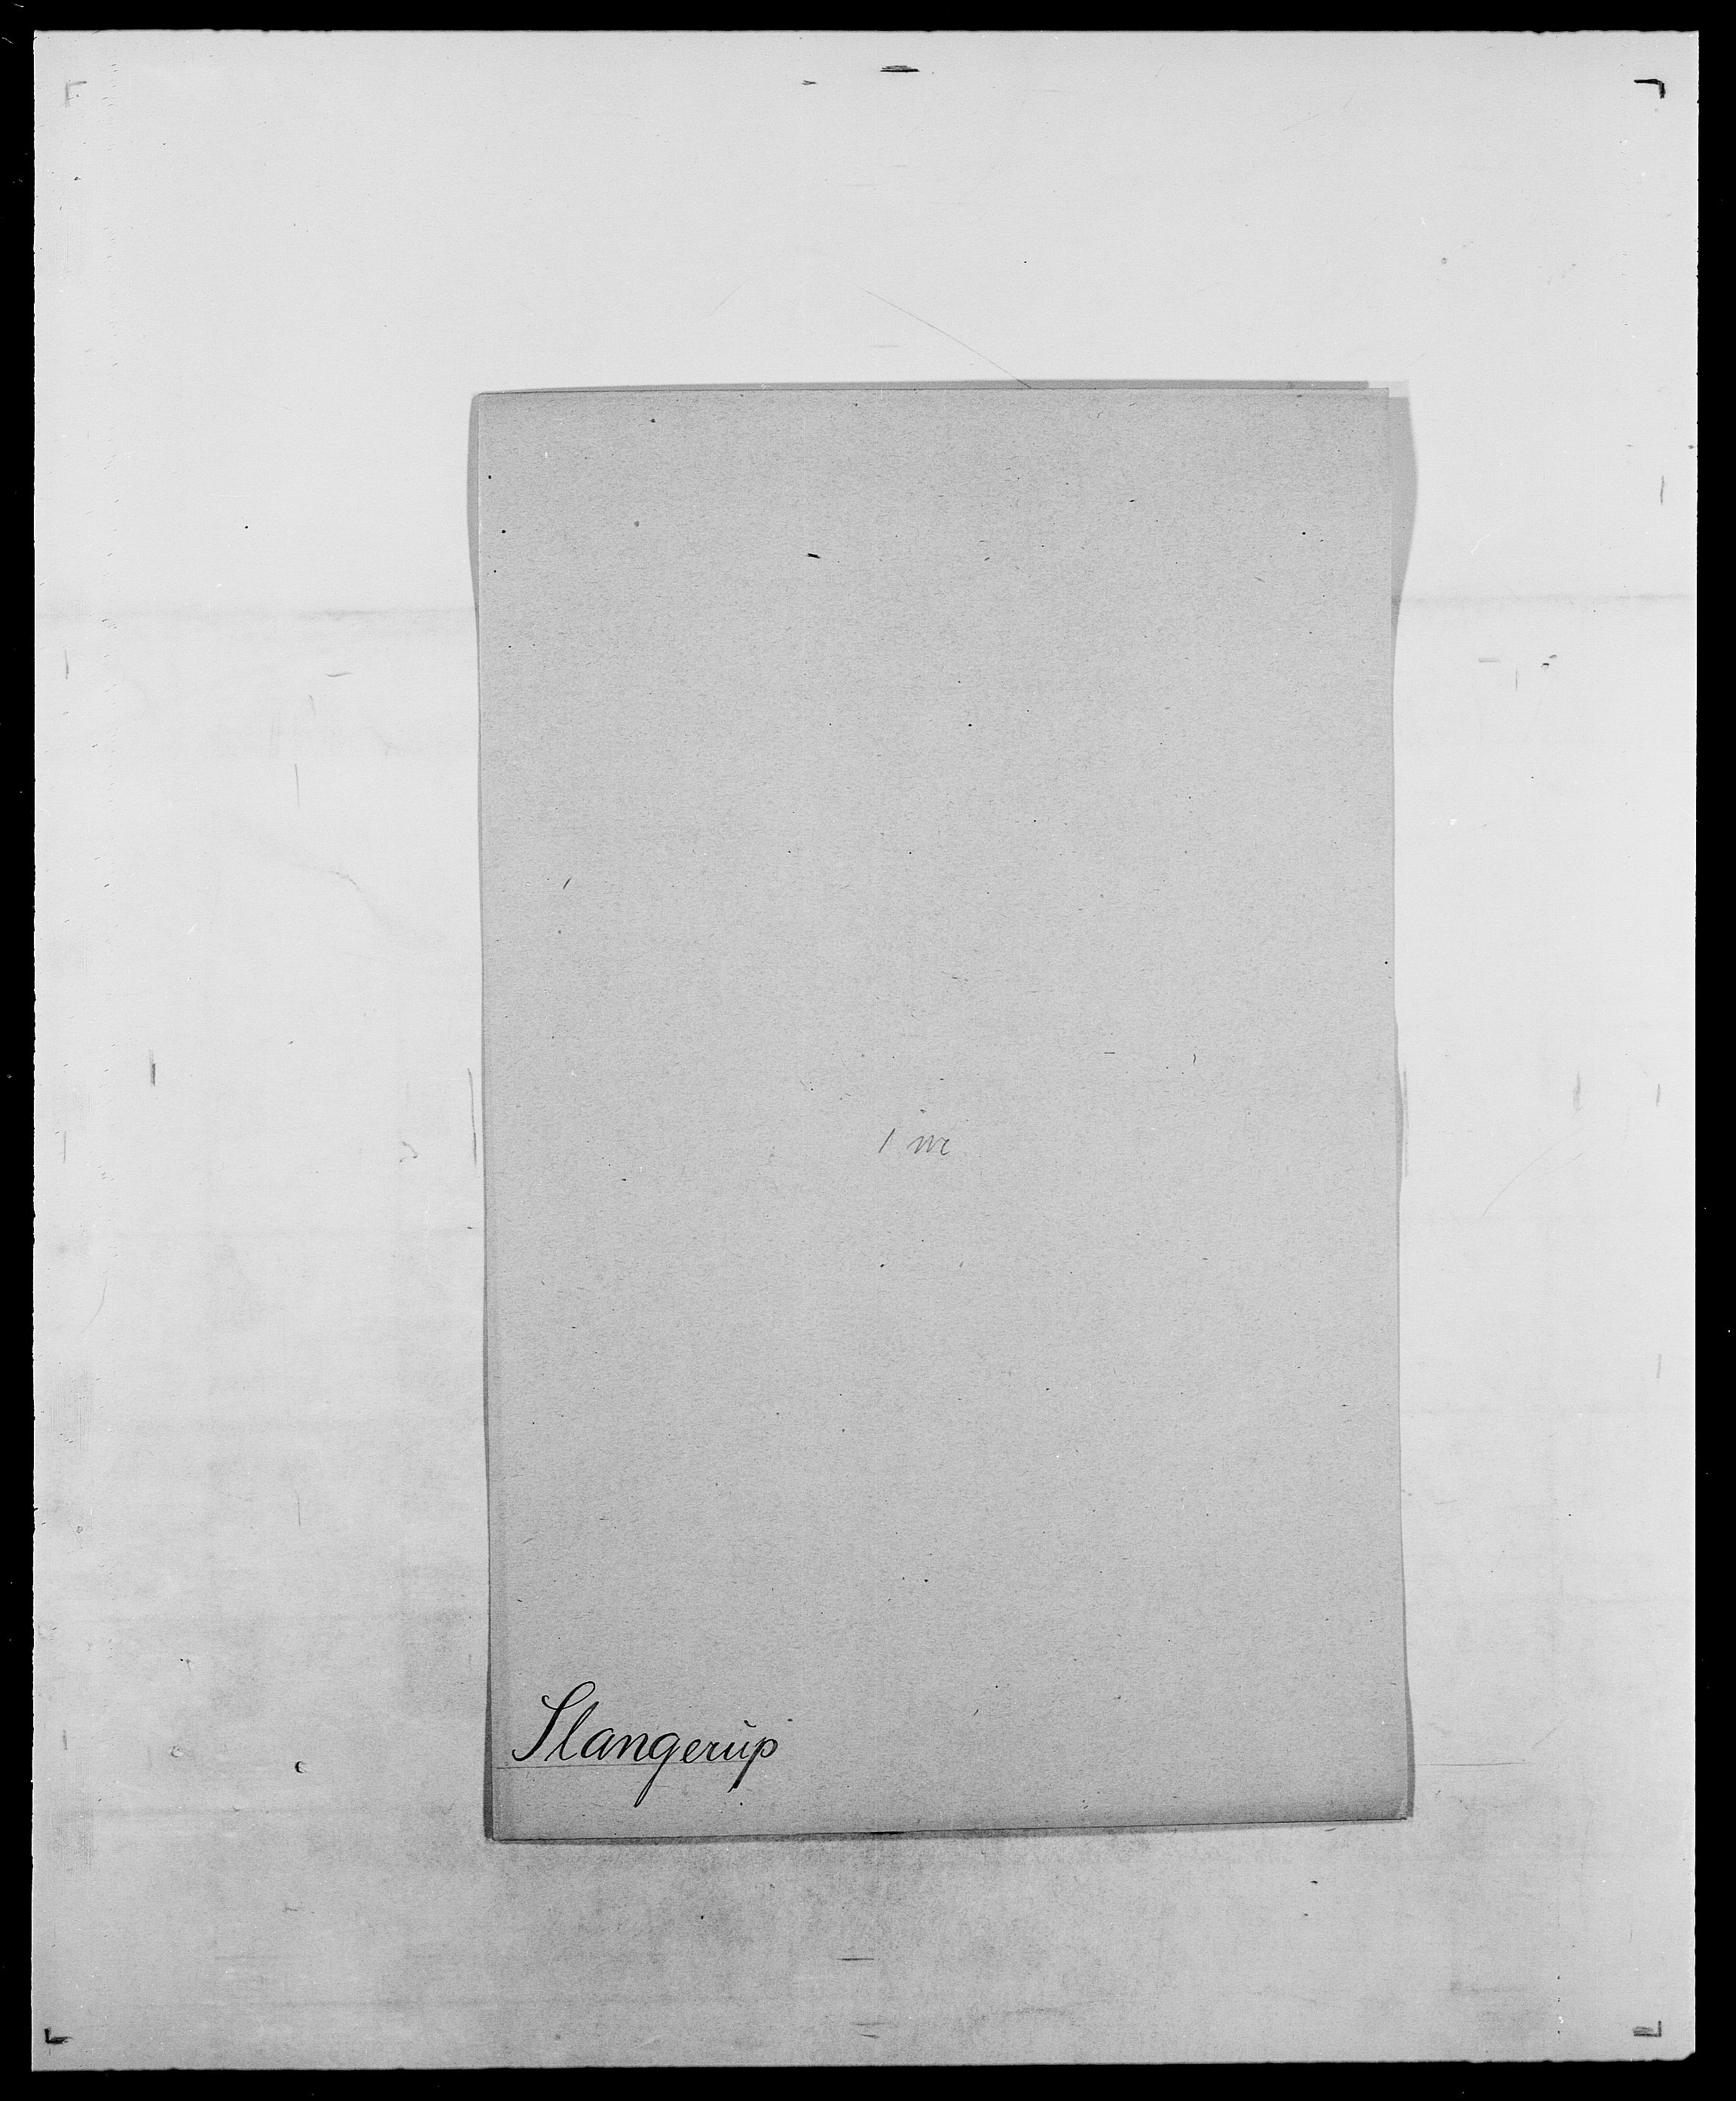 SAO, Delgobe, Charles Antoine - samling, D/Da/L0036: Skaanør - Staverskov, s. 84